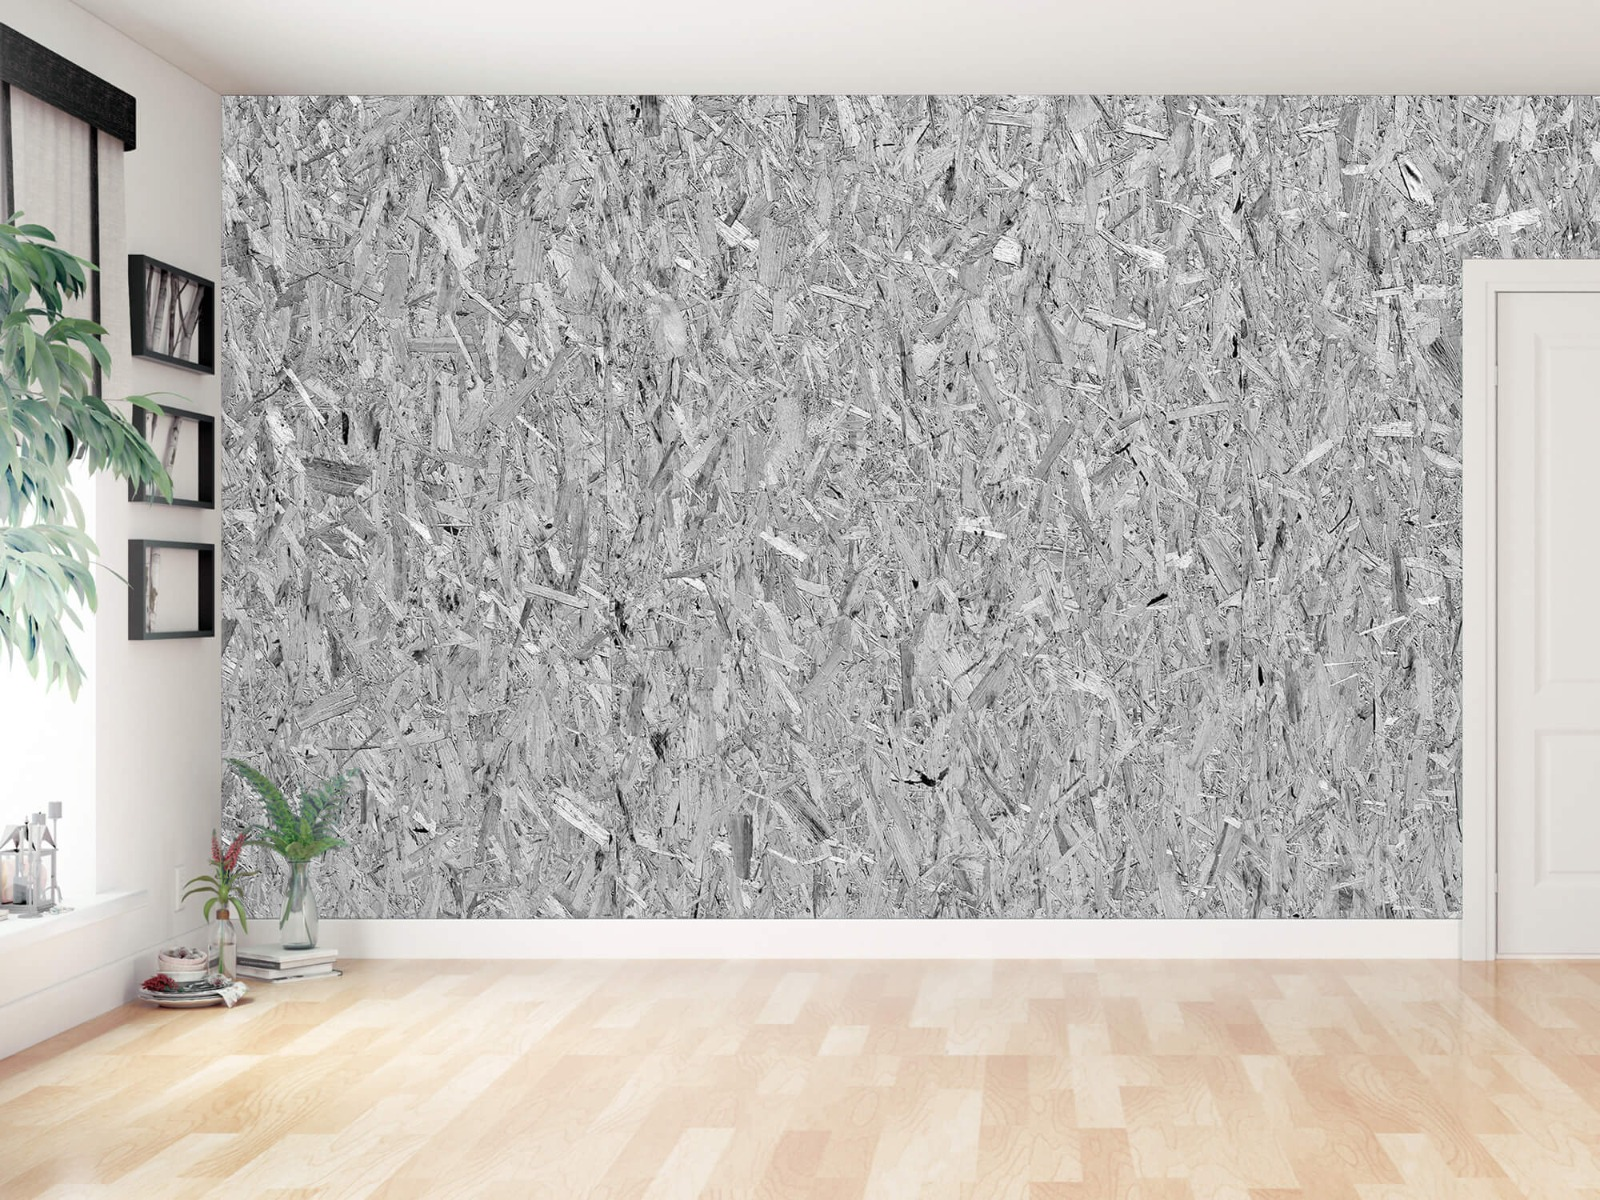 Hout behang - Spaanplaat - Wallexclusive - Woonkamer 12